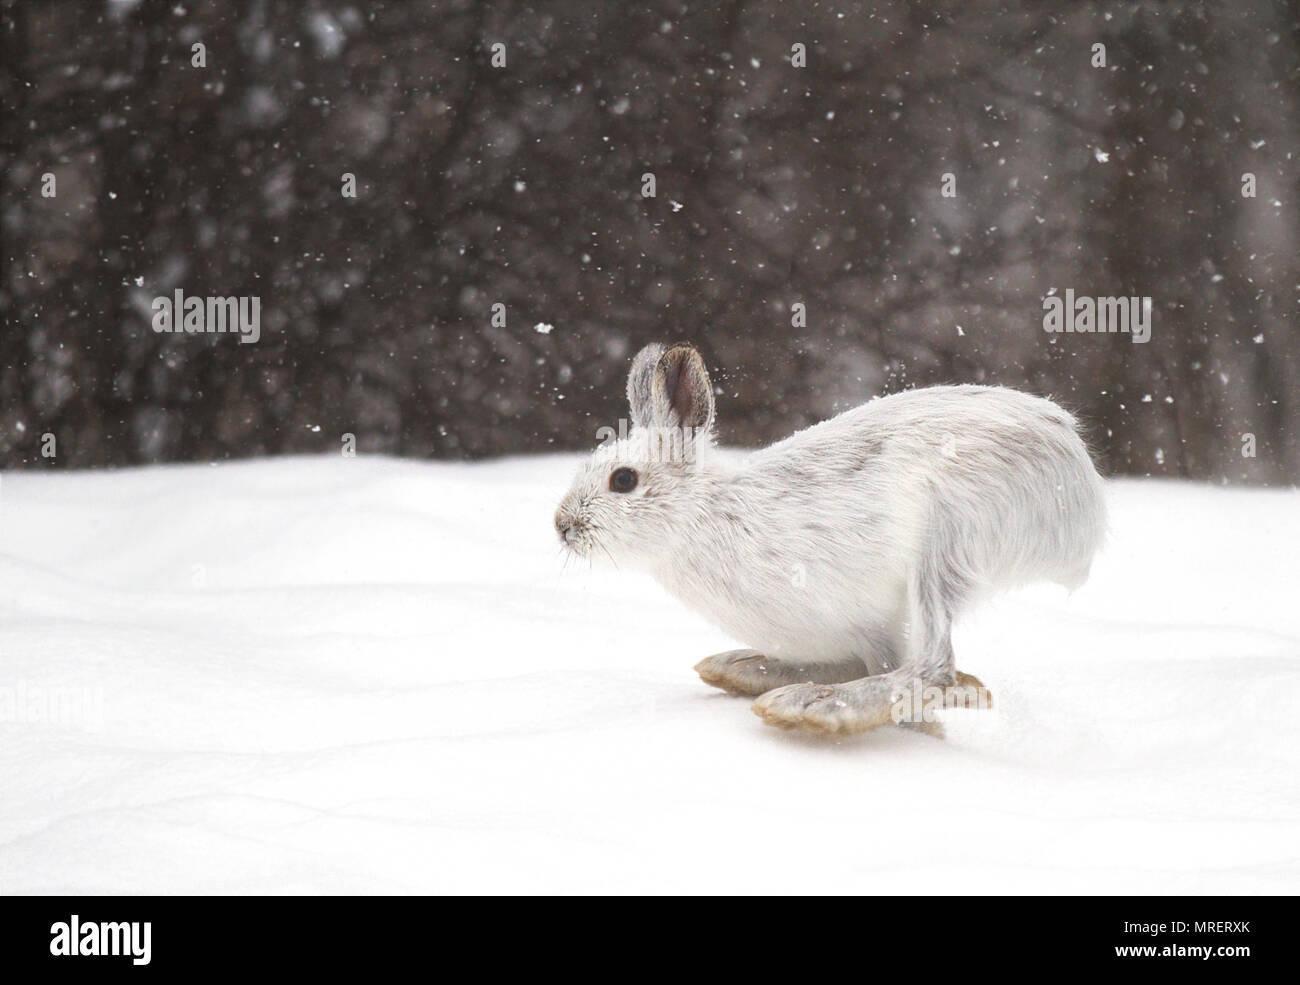 Snowshoe hare o variando la liebre (Lepus americanus) que se ejecuta en la nieve con una bata blanca en invierno en Canadá Imagen De Stock